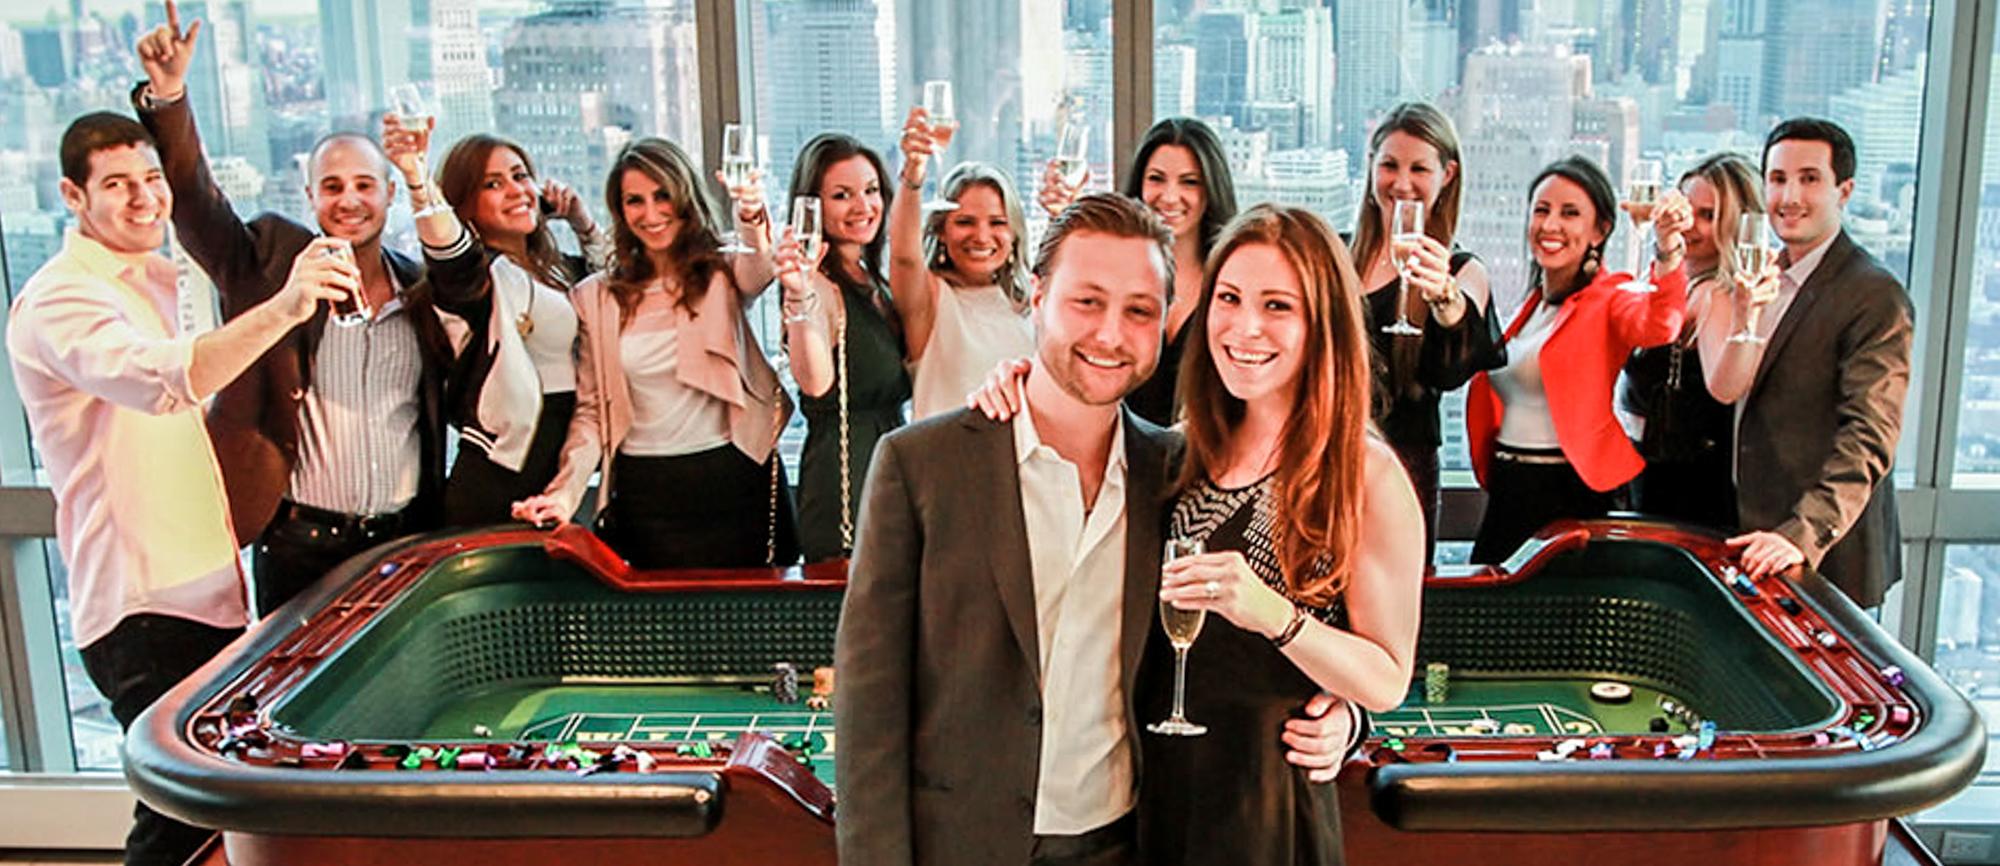 Ny casino party ameristar casino/mo